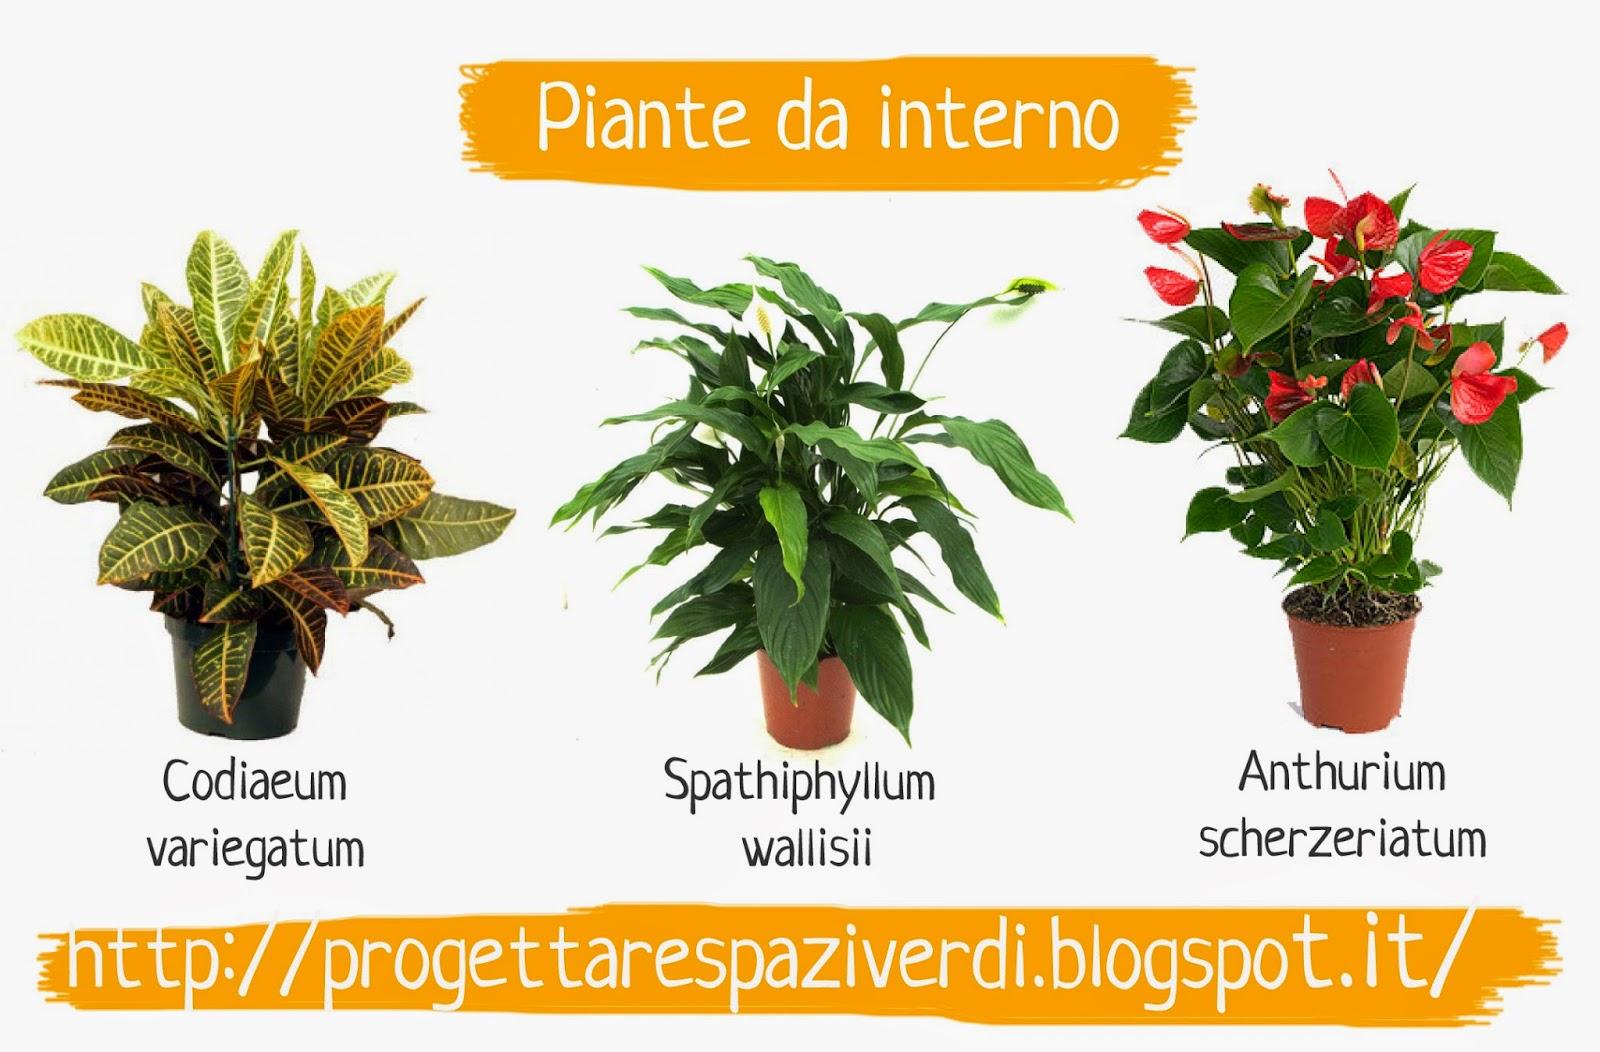 Progettare spazi verdi 3 piante da interno - Piante da interno verdi ...